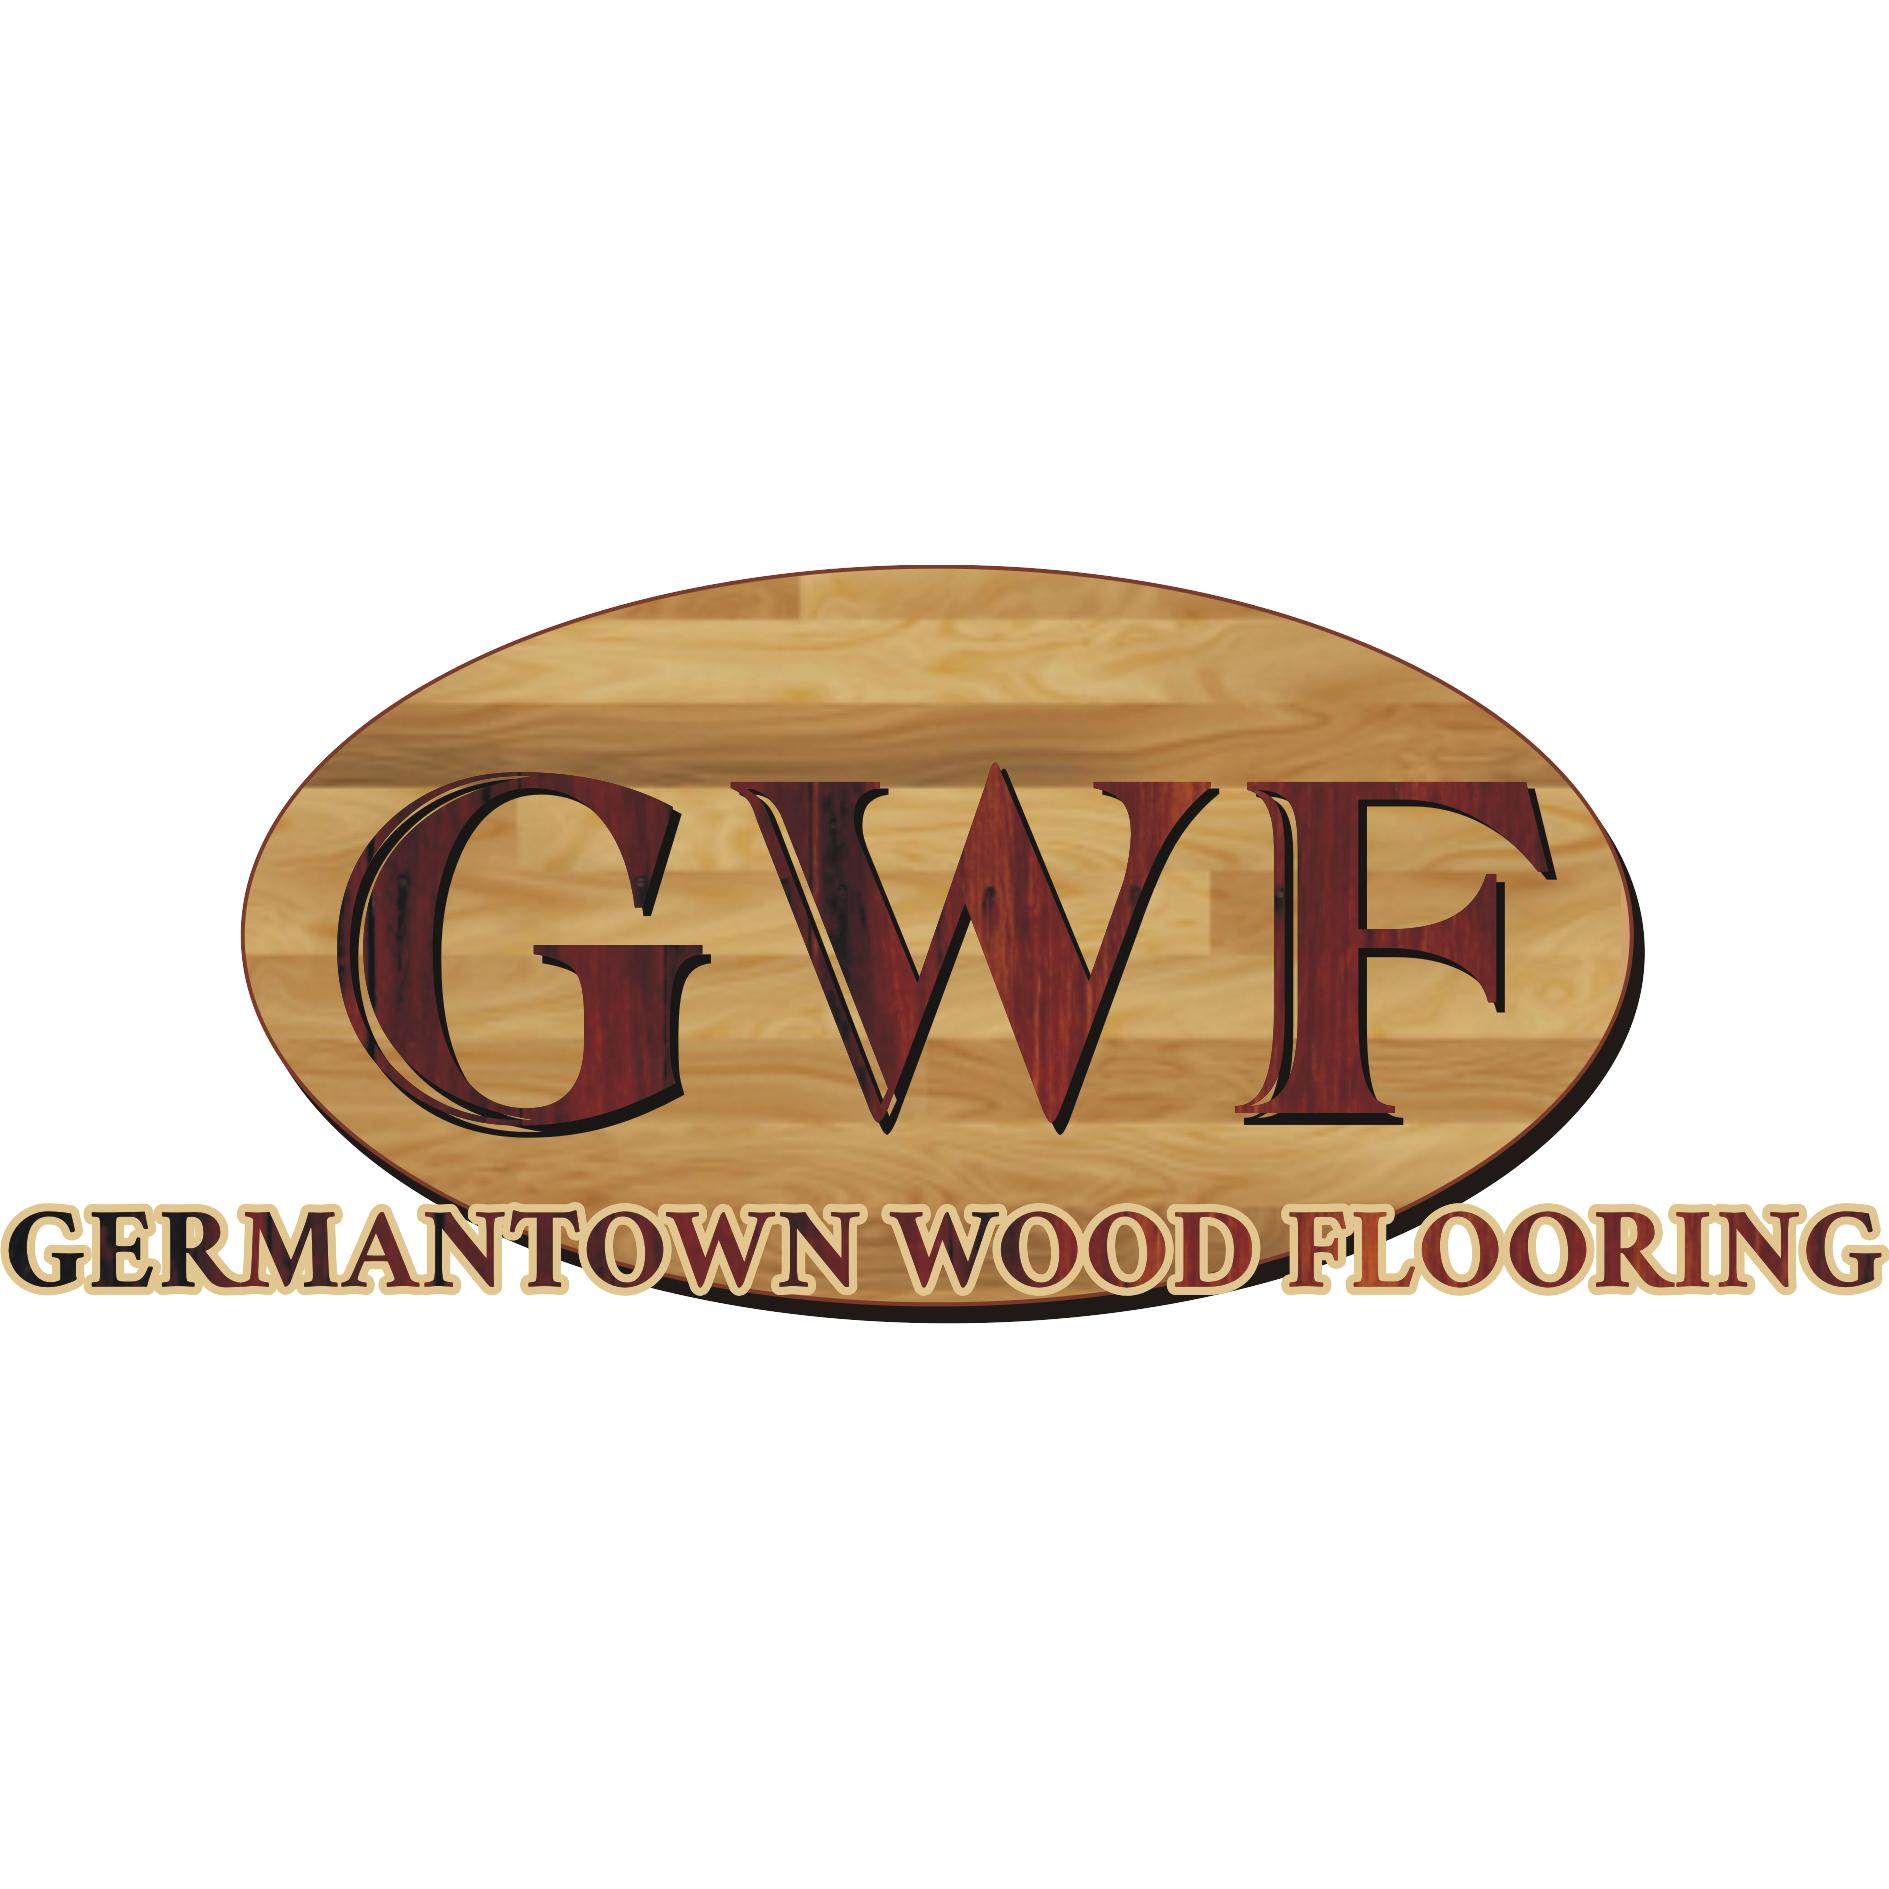 Germantown Wood Flooring LLC